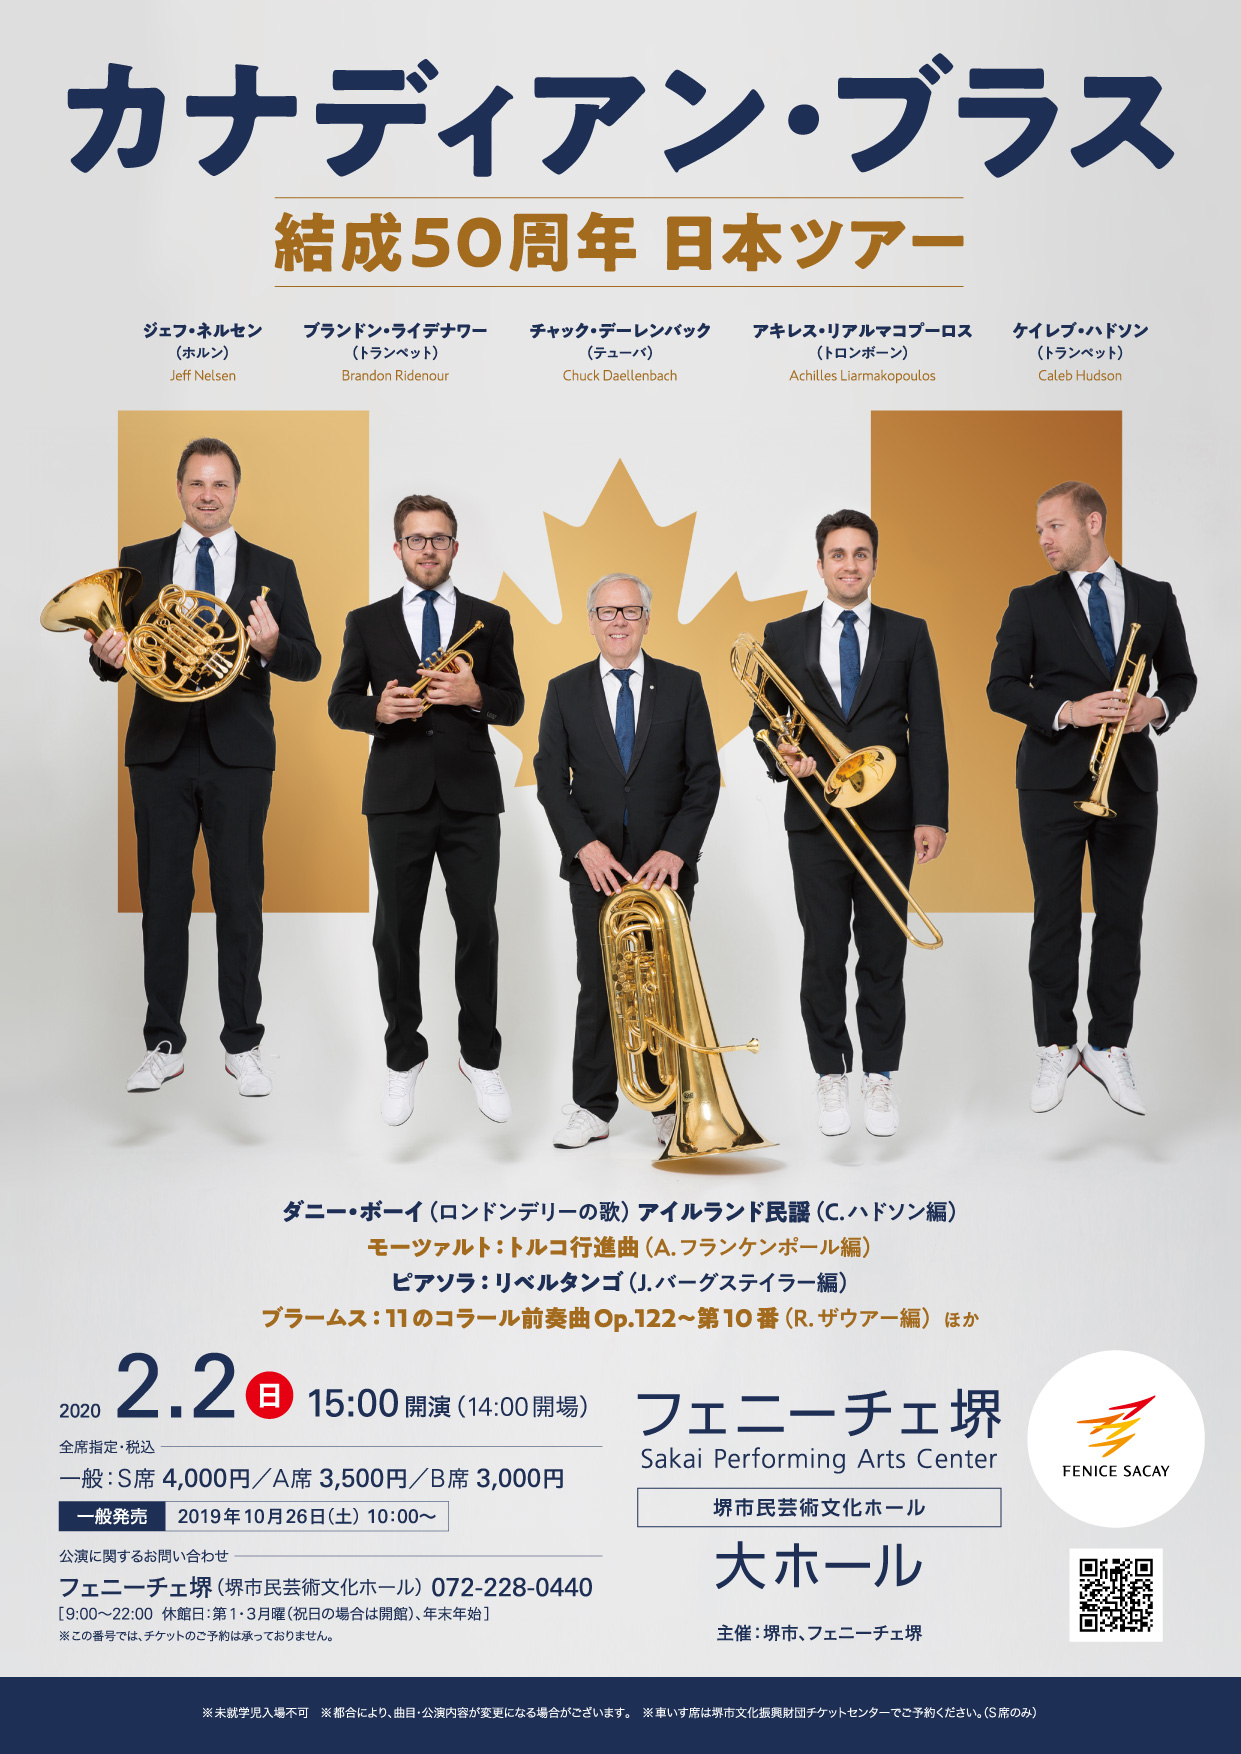 カナディアン・ブラス結成50周年日本ツアー